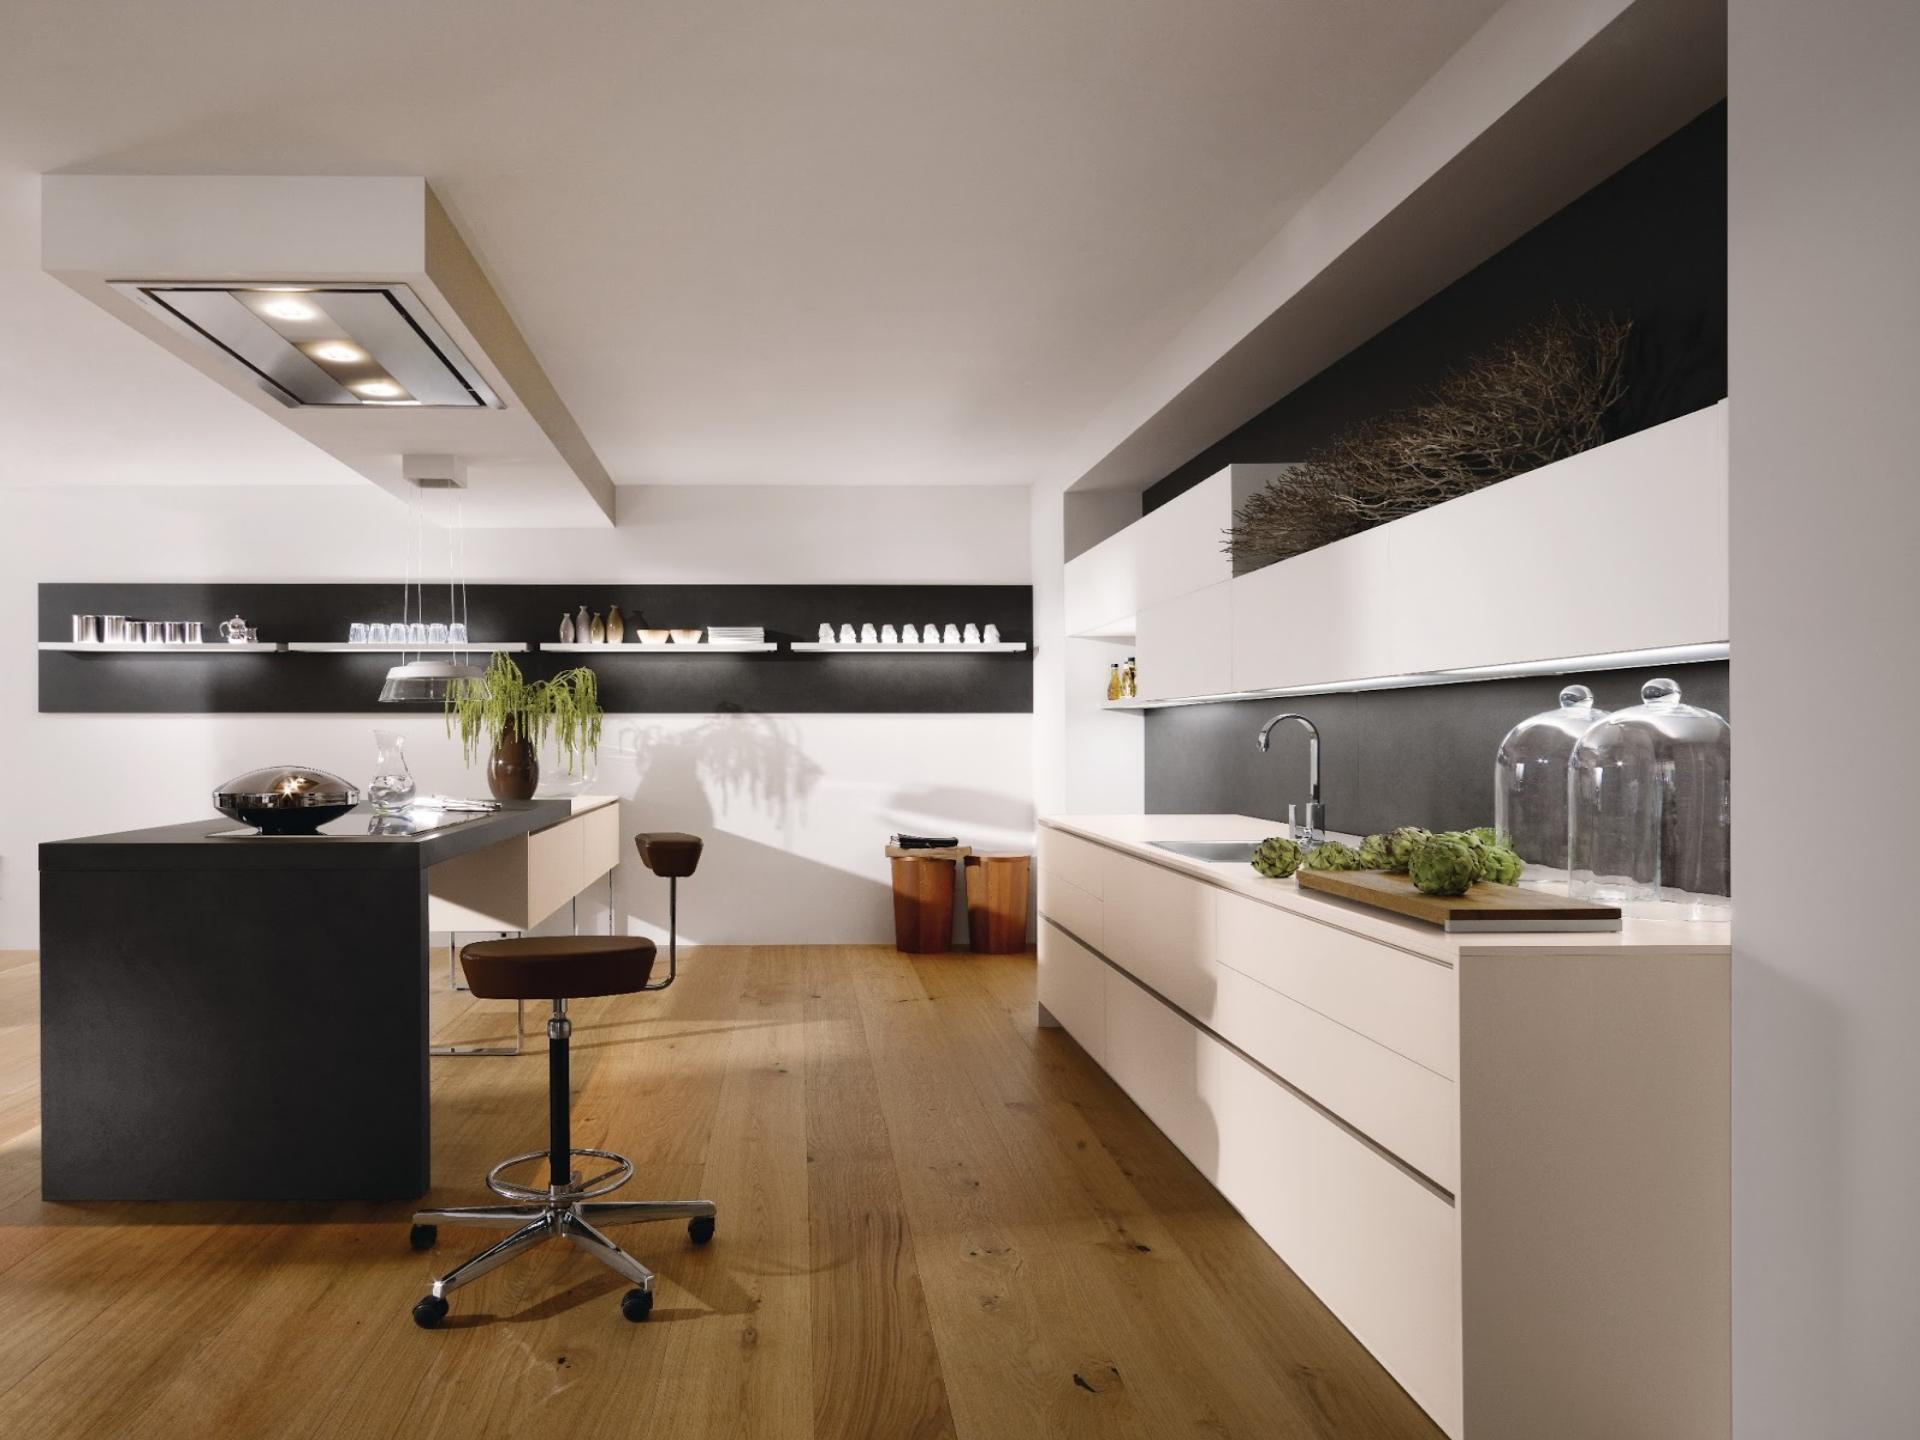 comment choisir sa cuisine good cuisine quel cuisiniste choisir avec vert couleur quel choisir. Black Bedroom Furniture Sets. Home Design Ideas